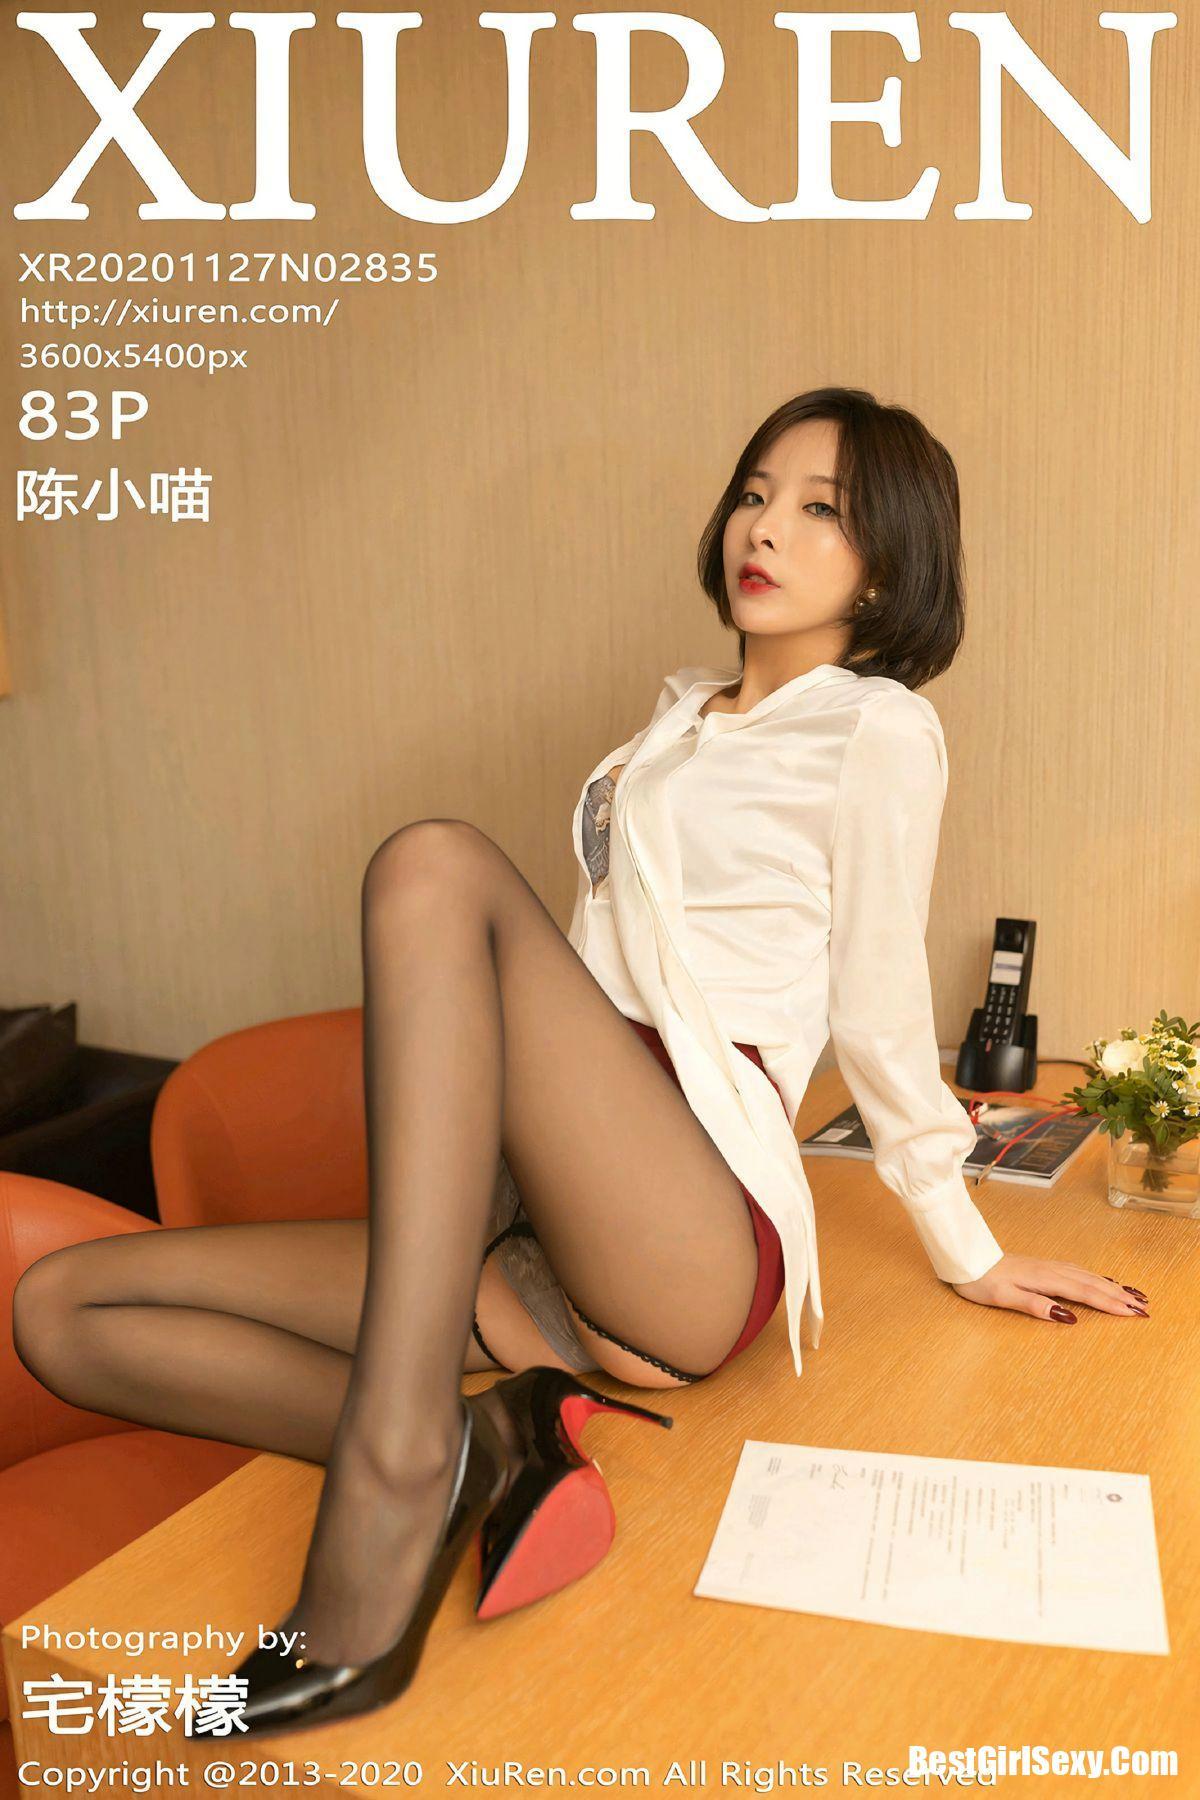 XiuRen秀人网 No.2835 Chen Xiao Miao